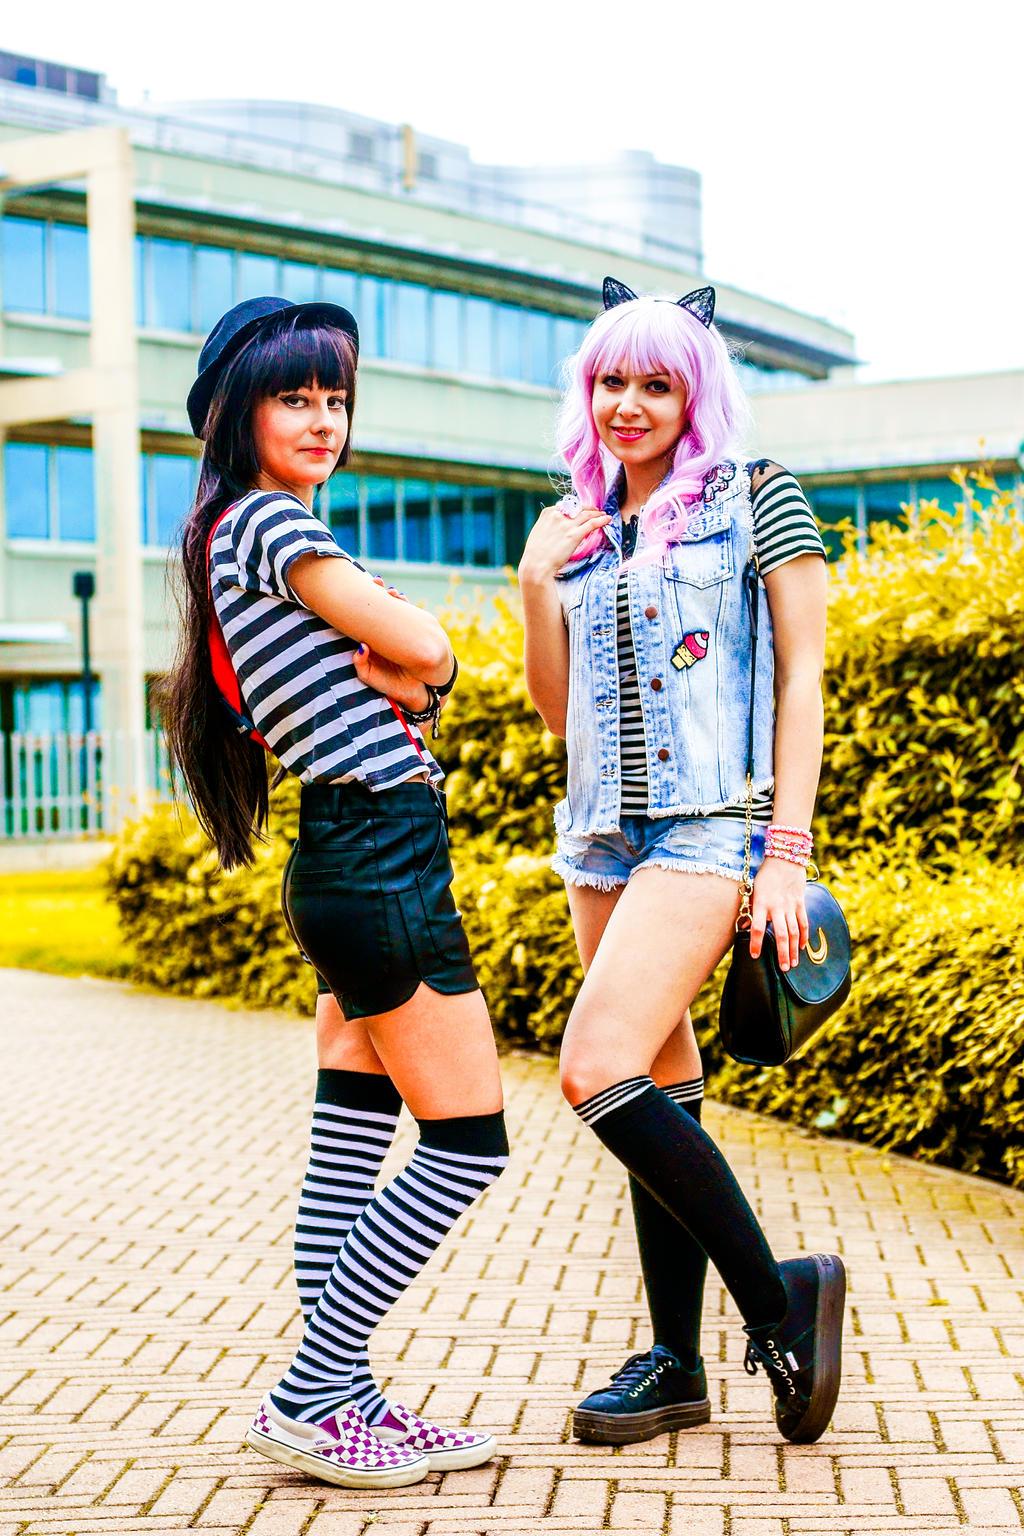 Japanese Street Fashion Style Ii By Amuchiibunny On Deviantart